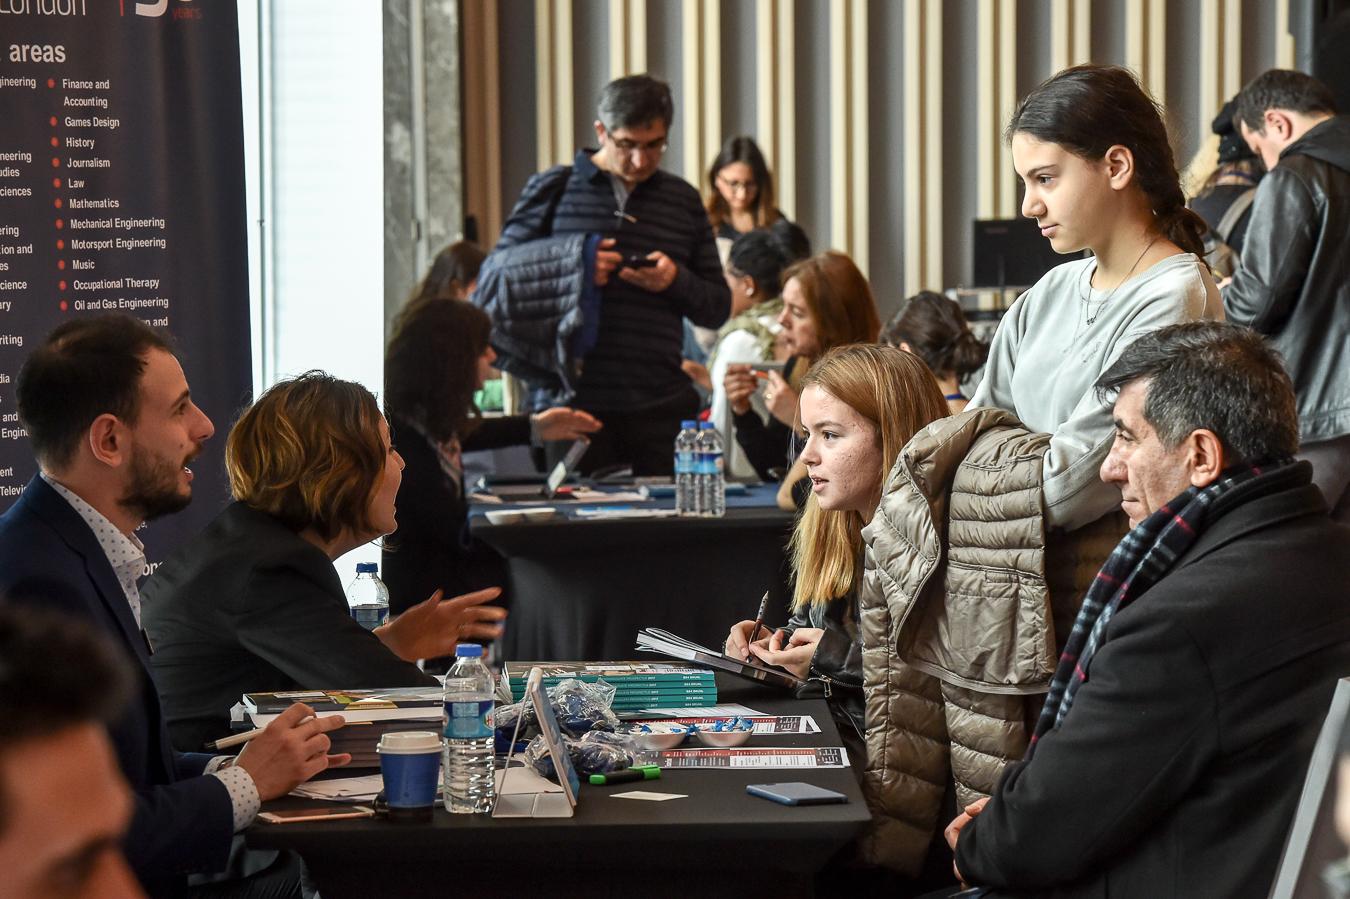 Birleşik Krallık'ın en saygın üniversiteleri, 'Birleşik Krallık'ta Eğitim Günleri' ile Türkiye'de